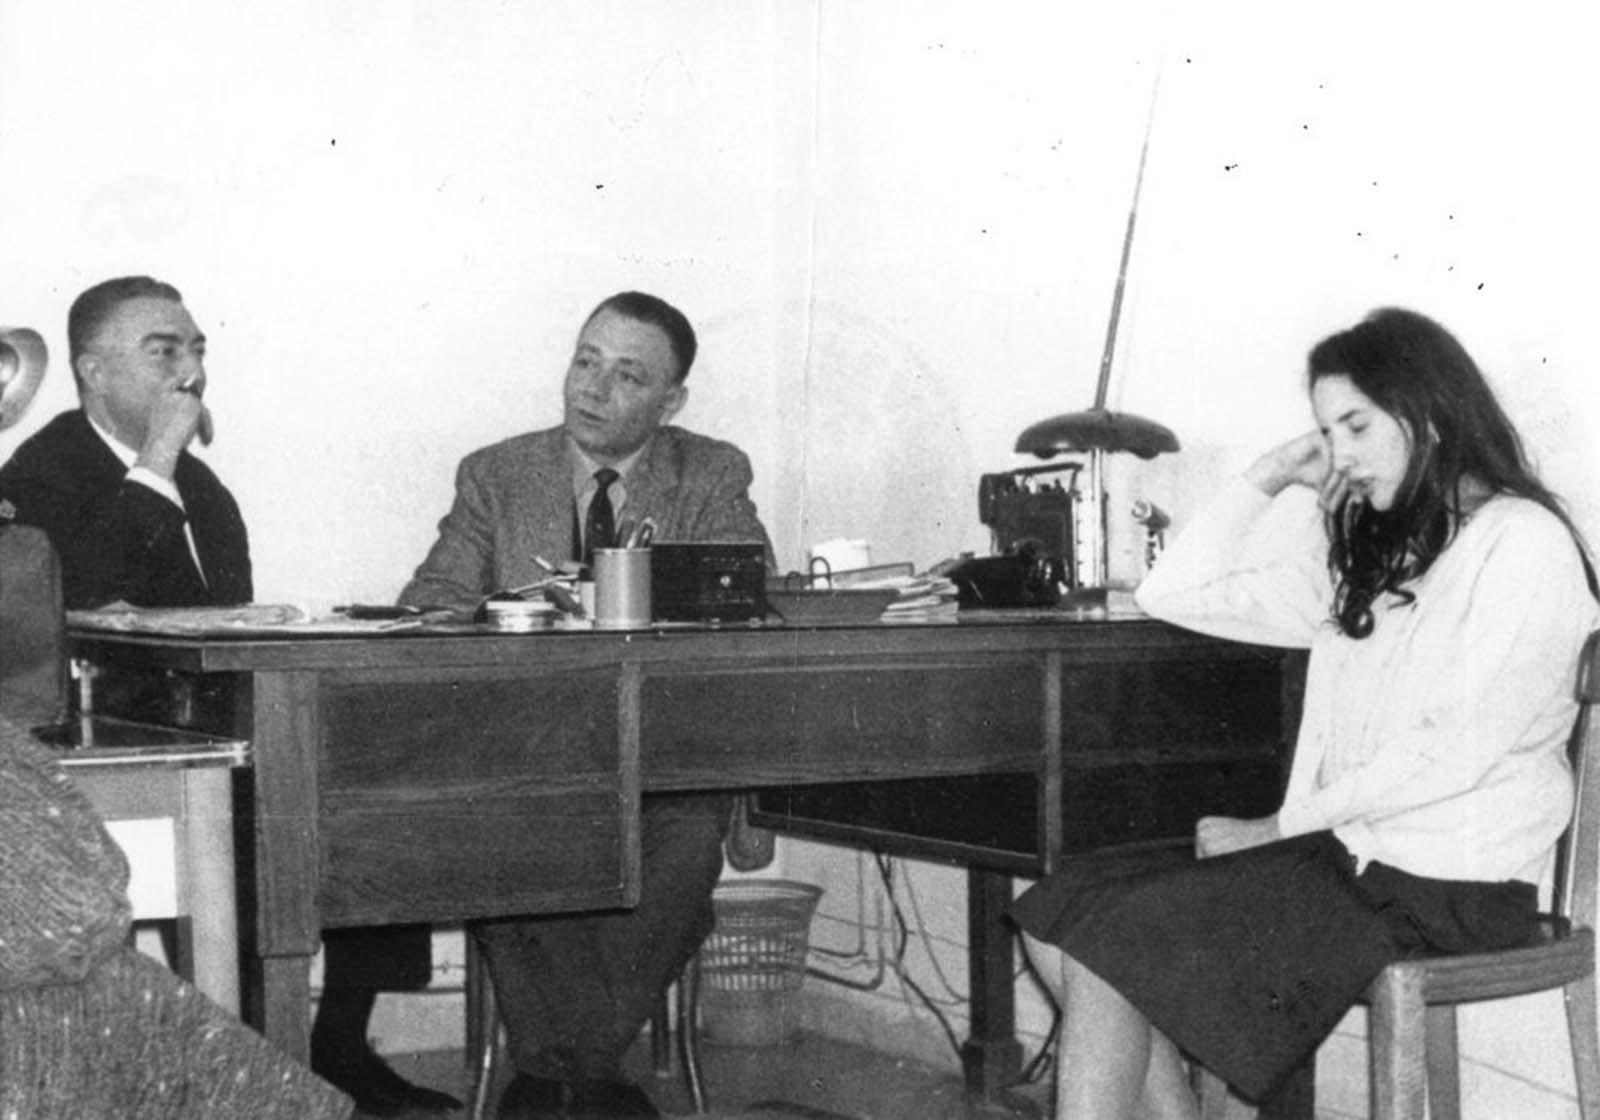 <p>Франка Виола дава показания пред полицията, след като е държана в плен от Филиппо Мелодия в продължение на 8 дни.</p>